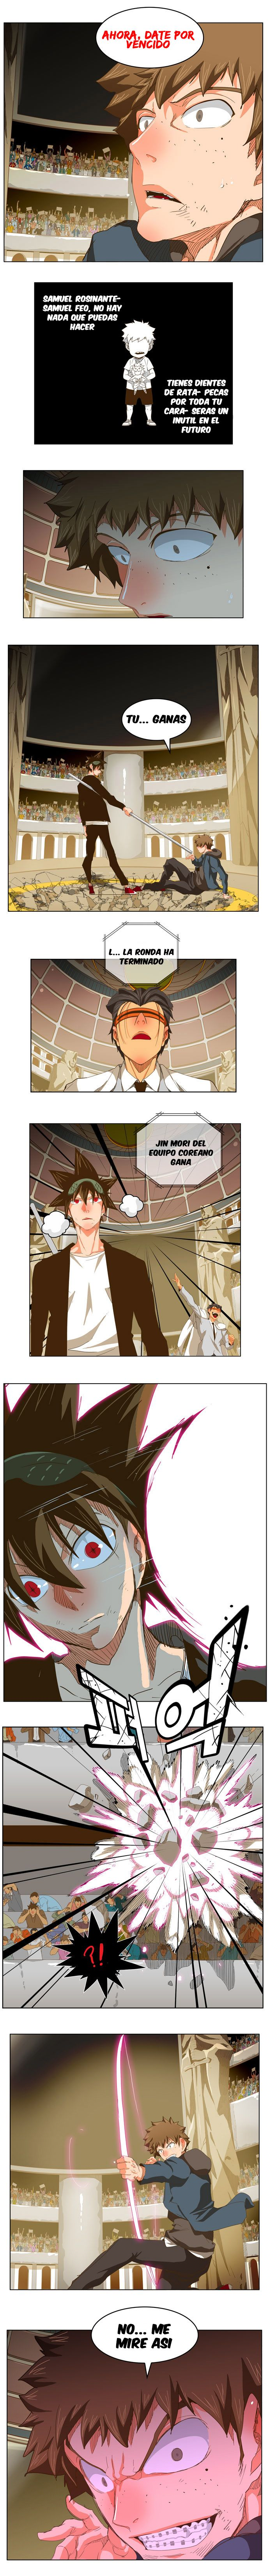 http://c5.ninemanga.com/es_manga/37/485/456848/da3670f634f3db272debb5010fa8b89a.jpg Page 6